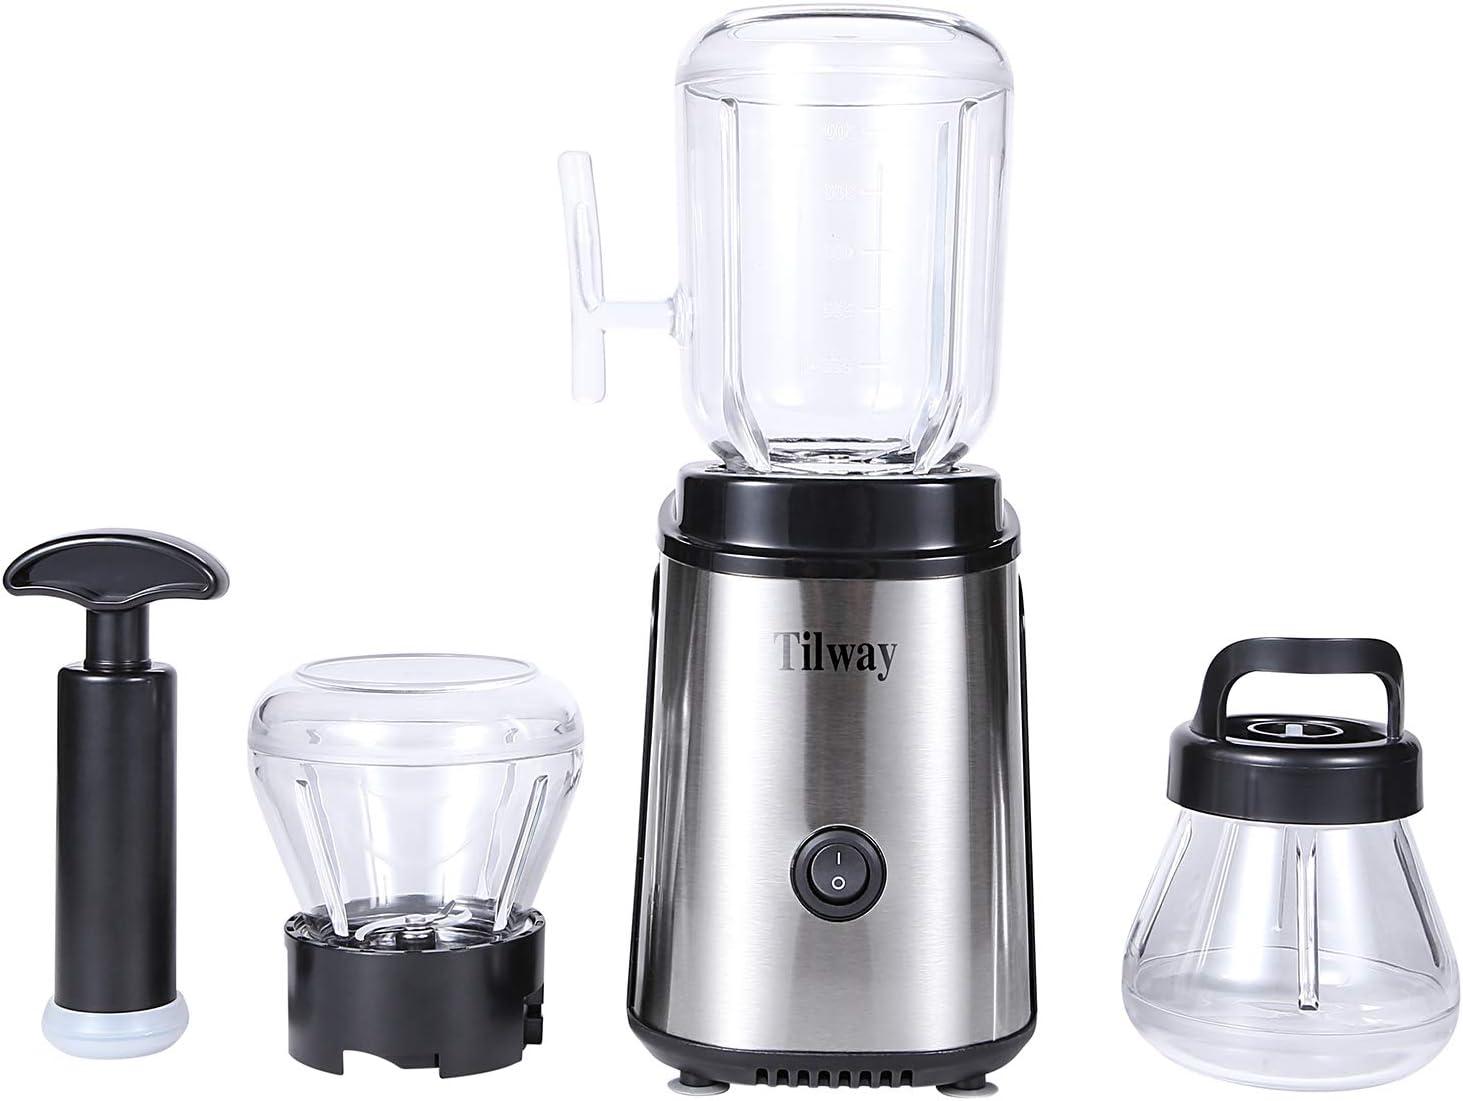 Tilway 250W 3-in-1 Multi-function Blender, 600ml Juice,fruits Vegetables, grinding ground meat, vacuum baby tonic